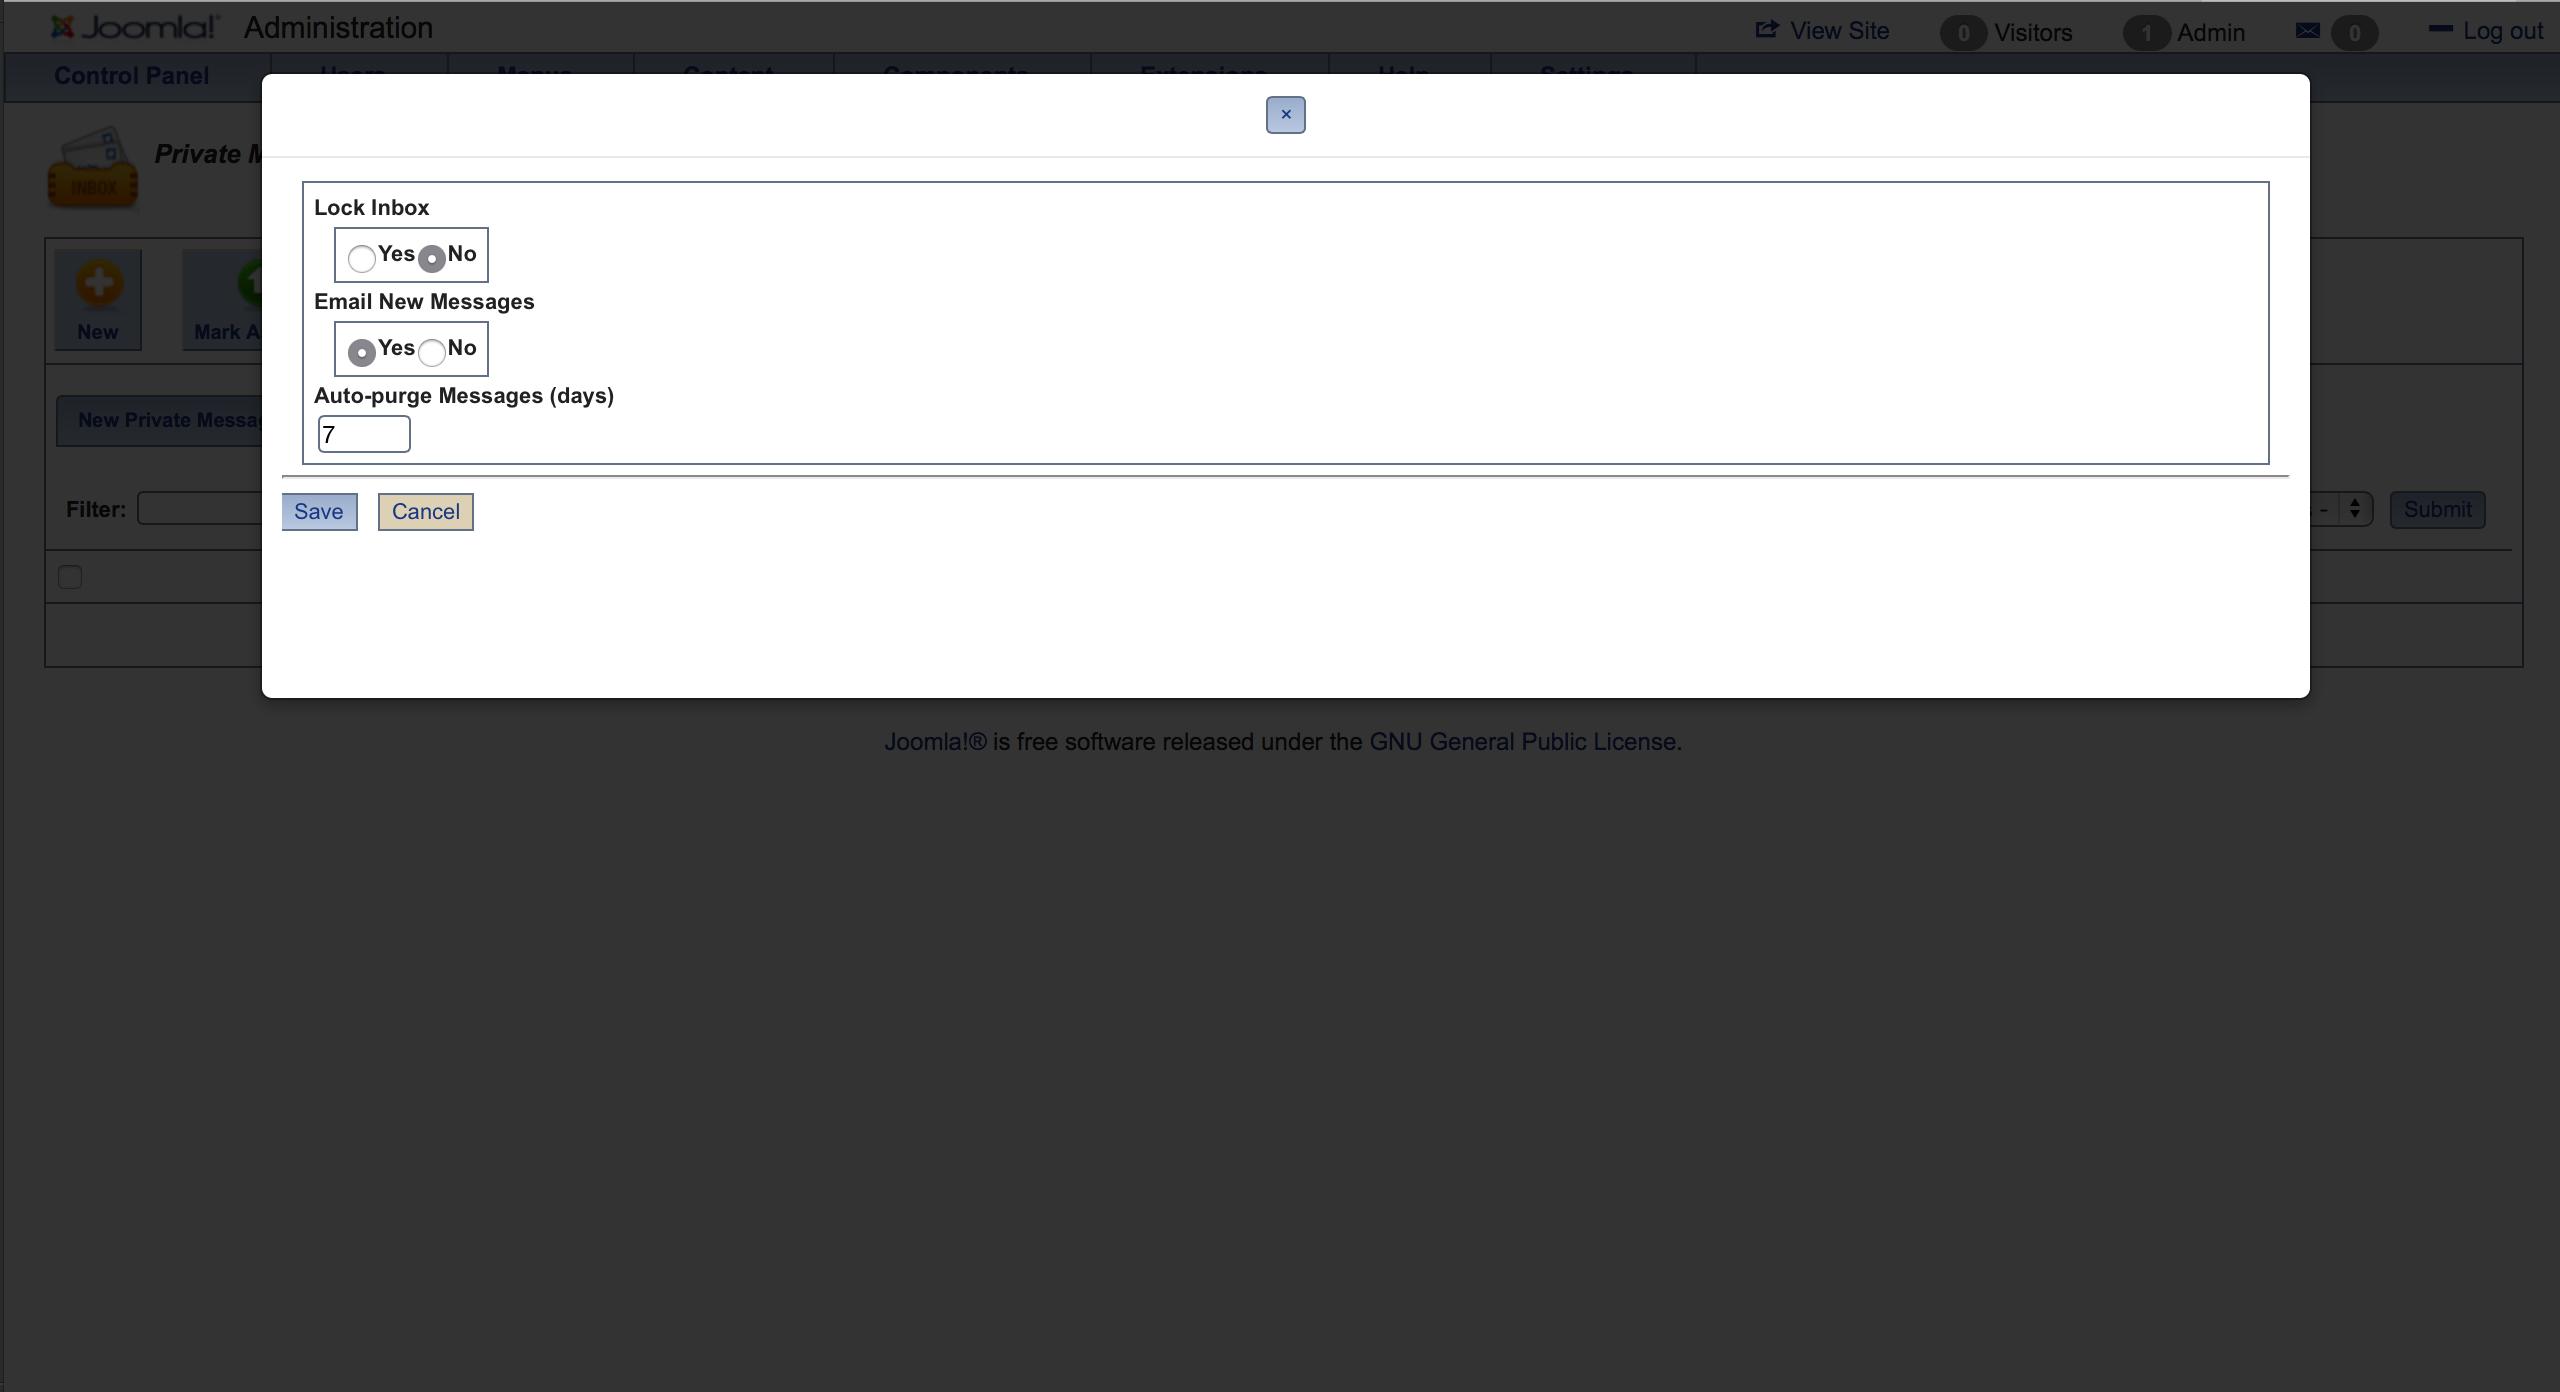 screen shot 2014-11-06 at 10 22 27